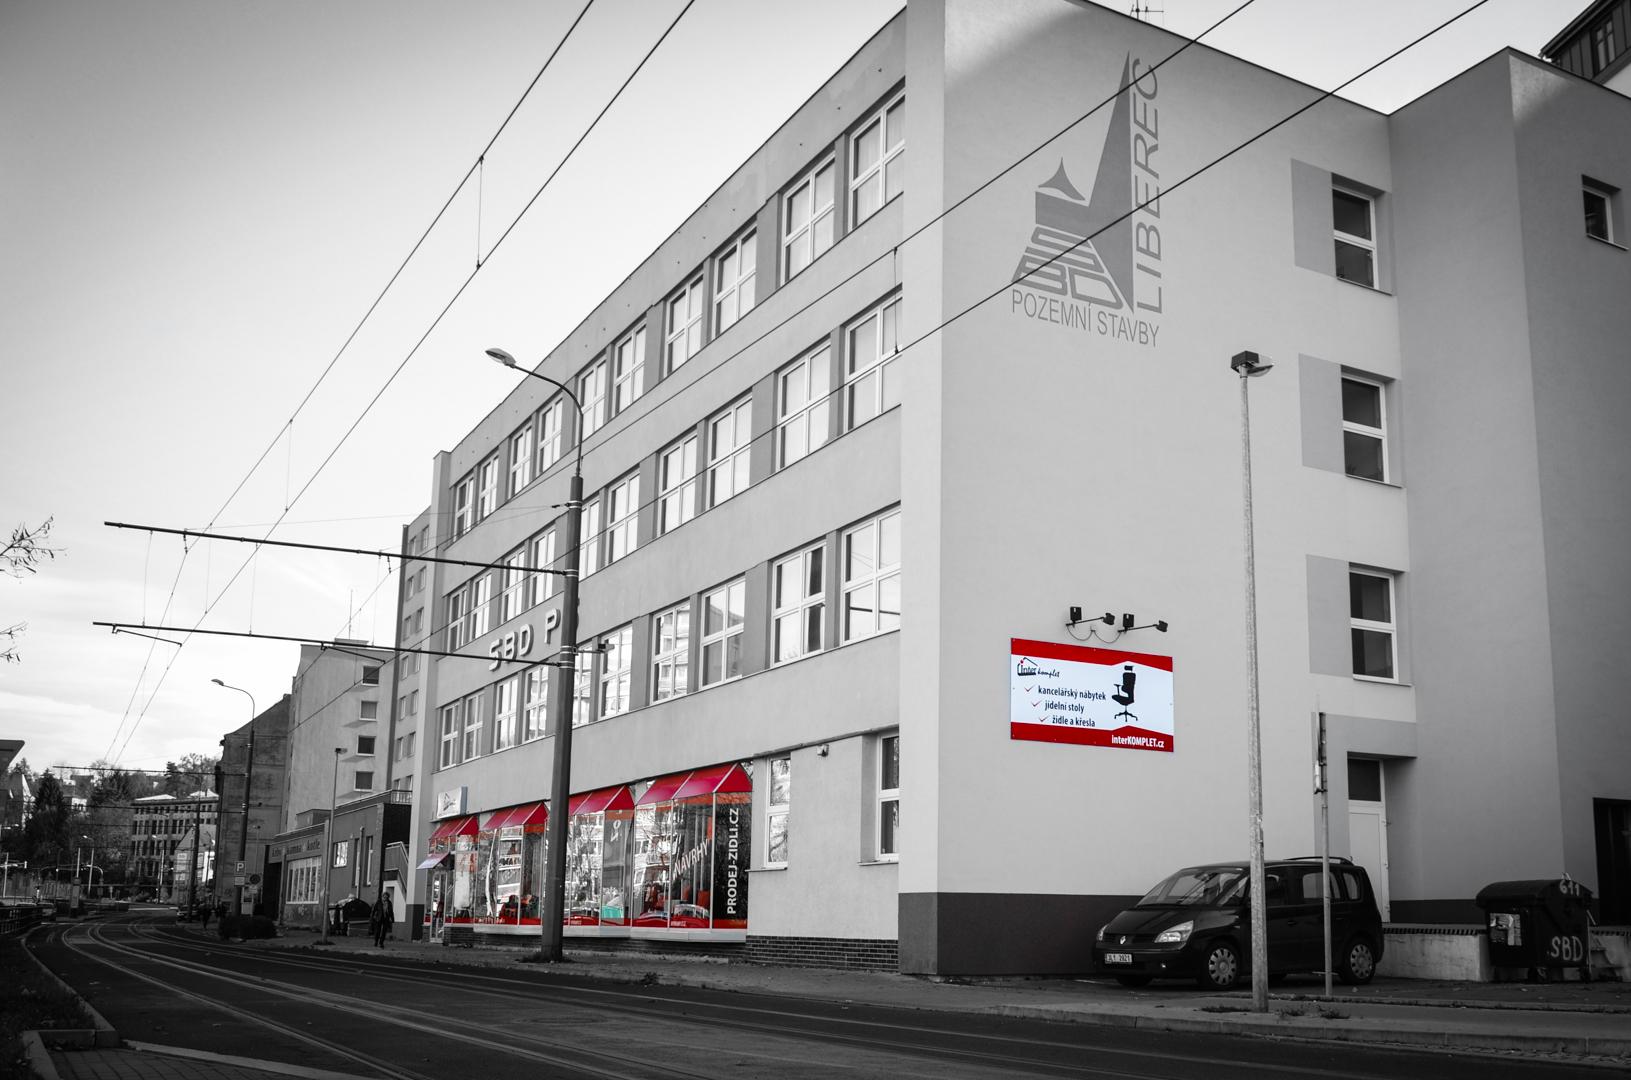 Prodejna ze směru z ulice Fügnerova